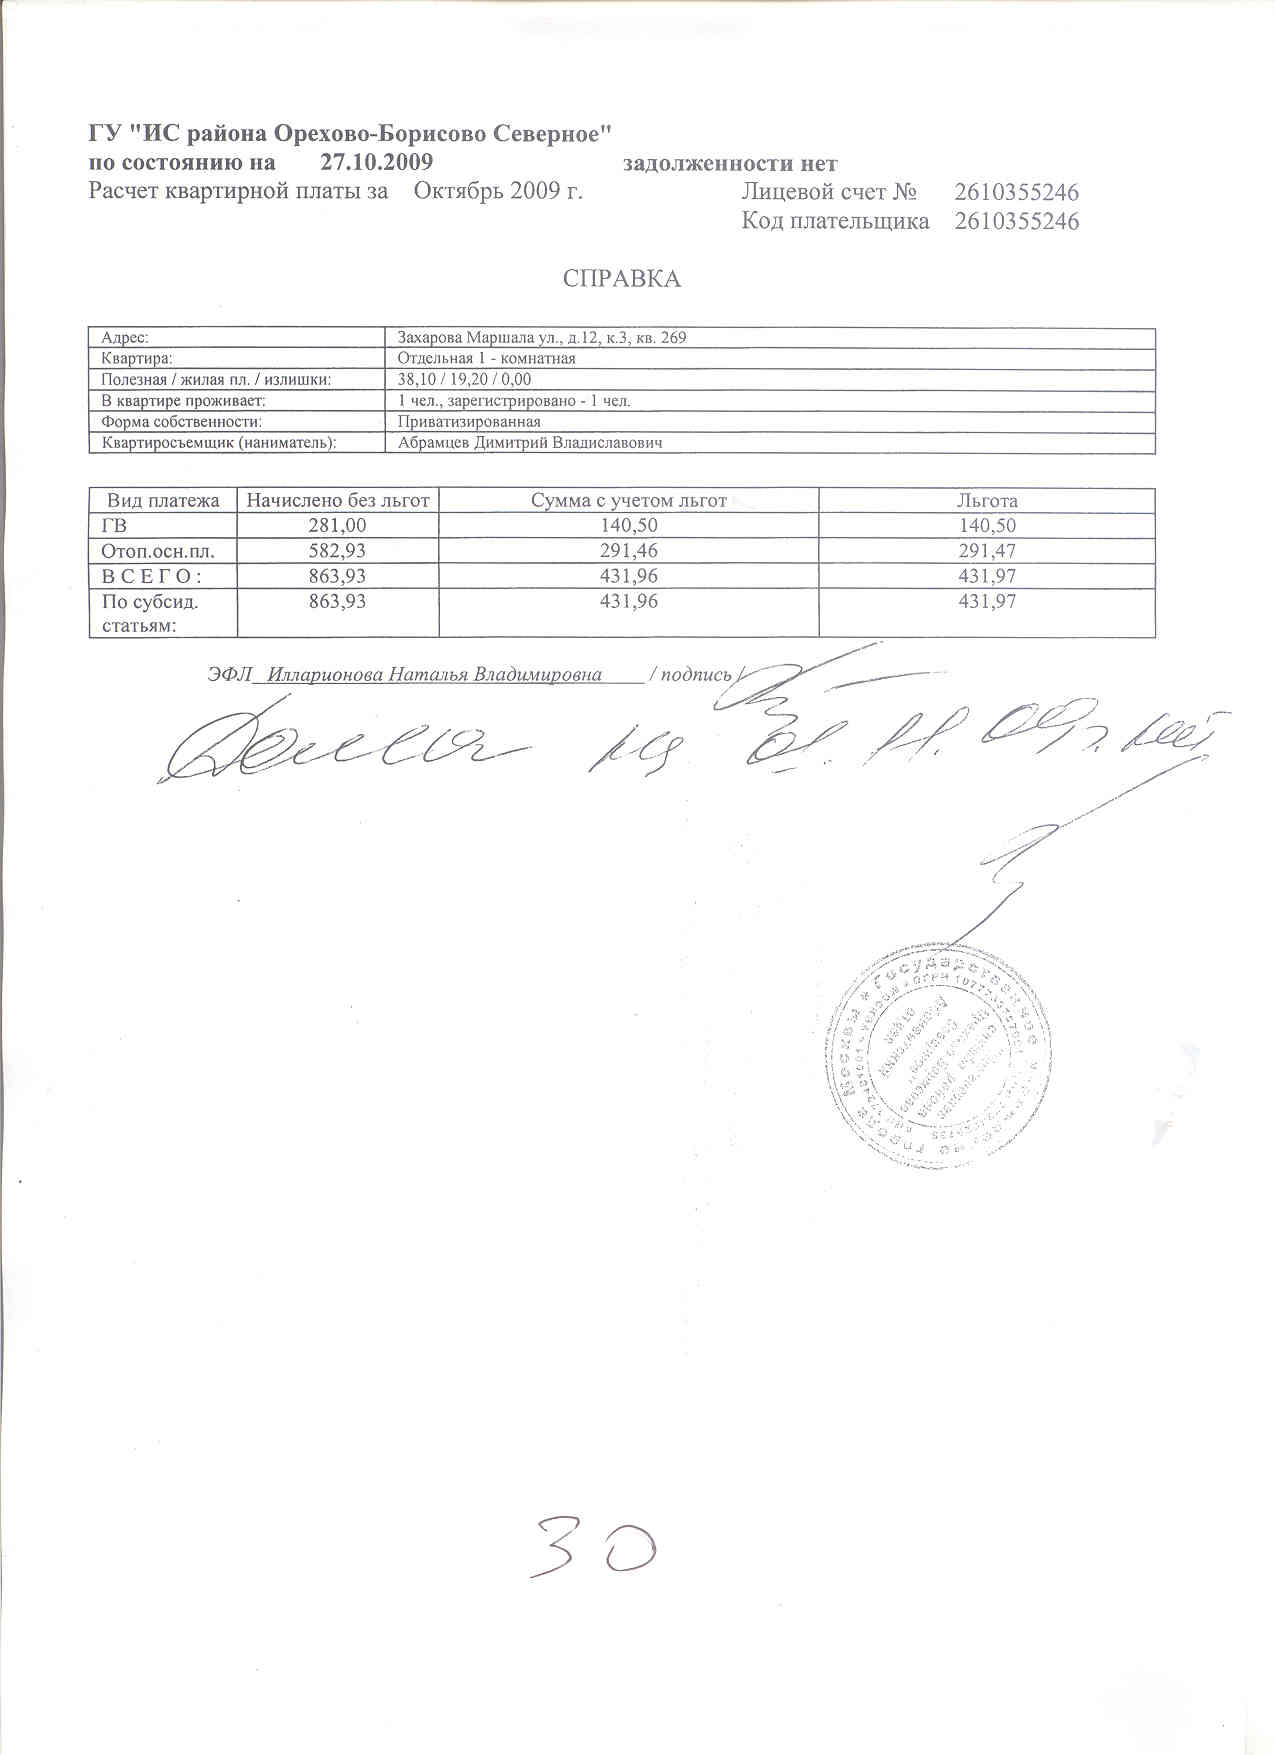 Кто обязан иметь медицинскую книжку в Москве Северное Орехово-Борисово